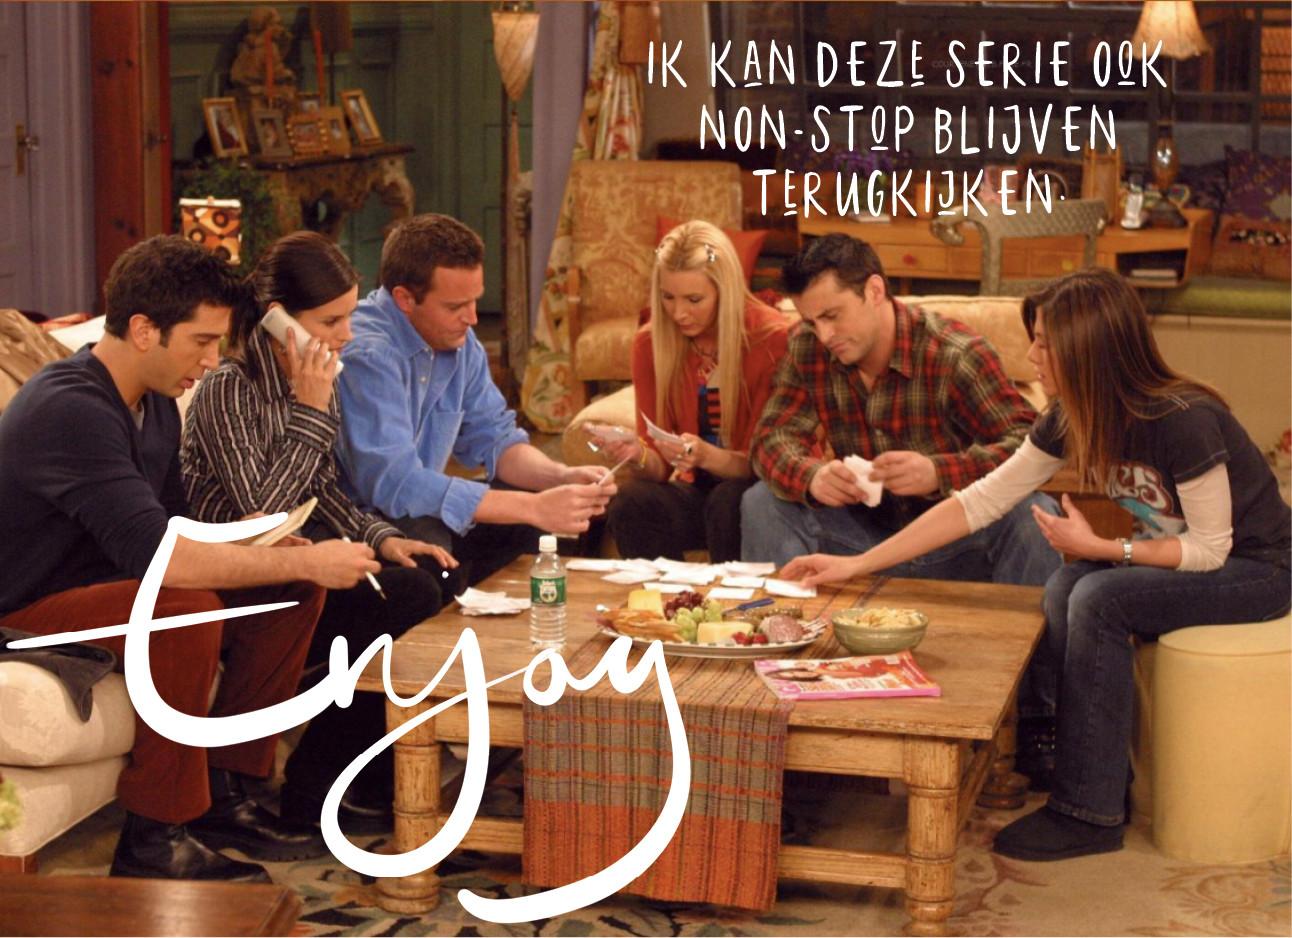 Een still uit de serie friends dat ze allemaal aan tafel zitten